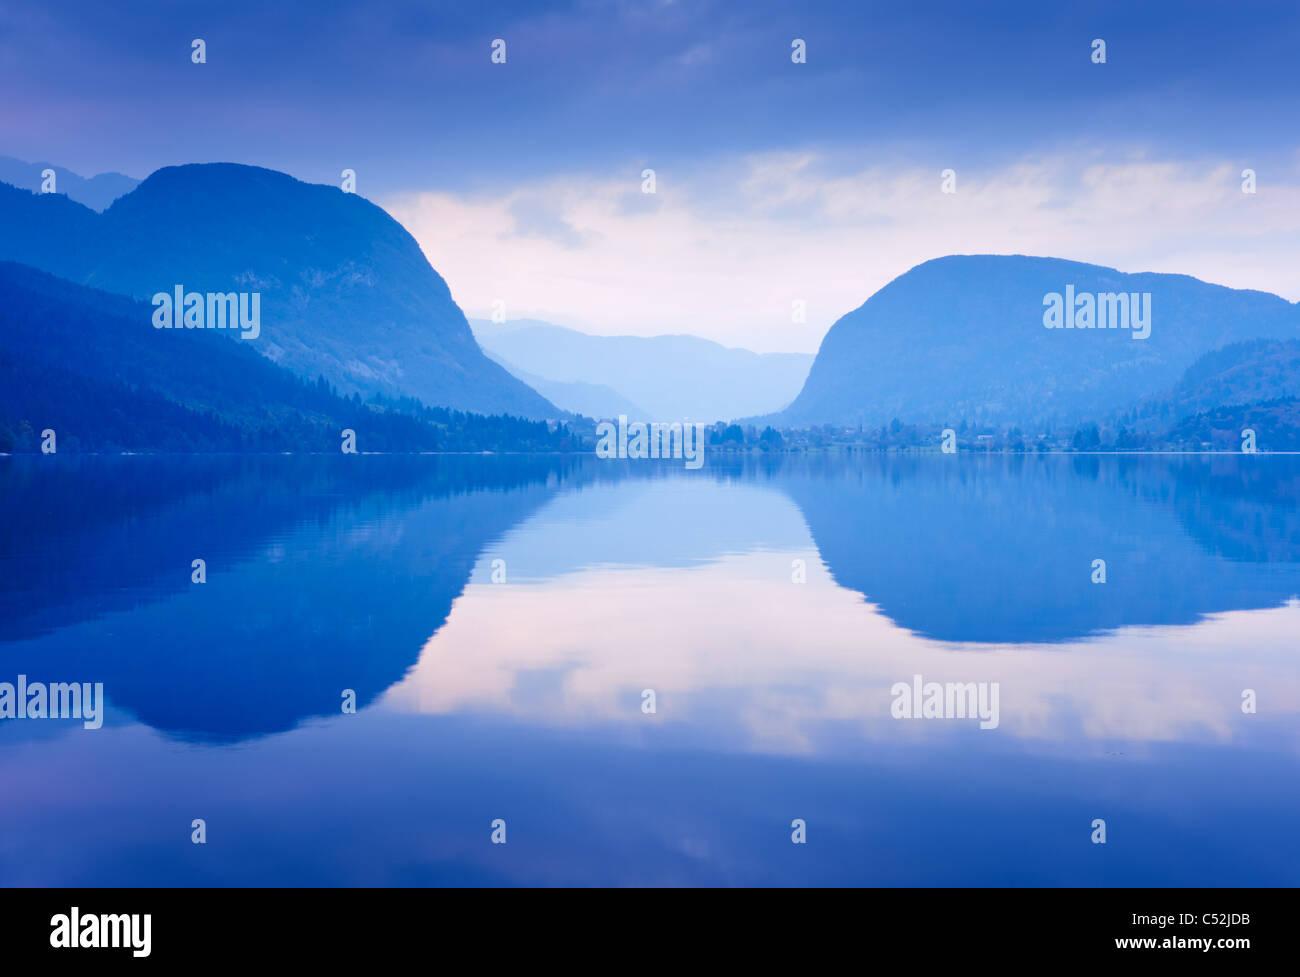 Montañas azules se reflejan en el agua del lago. El lago Bohinj, Eslovenia. Imagen De Stock